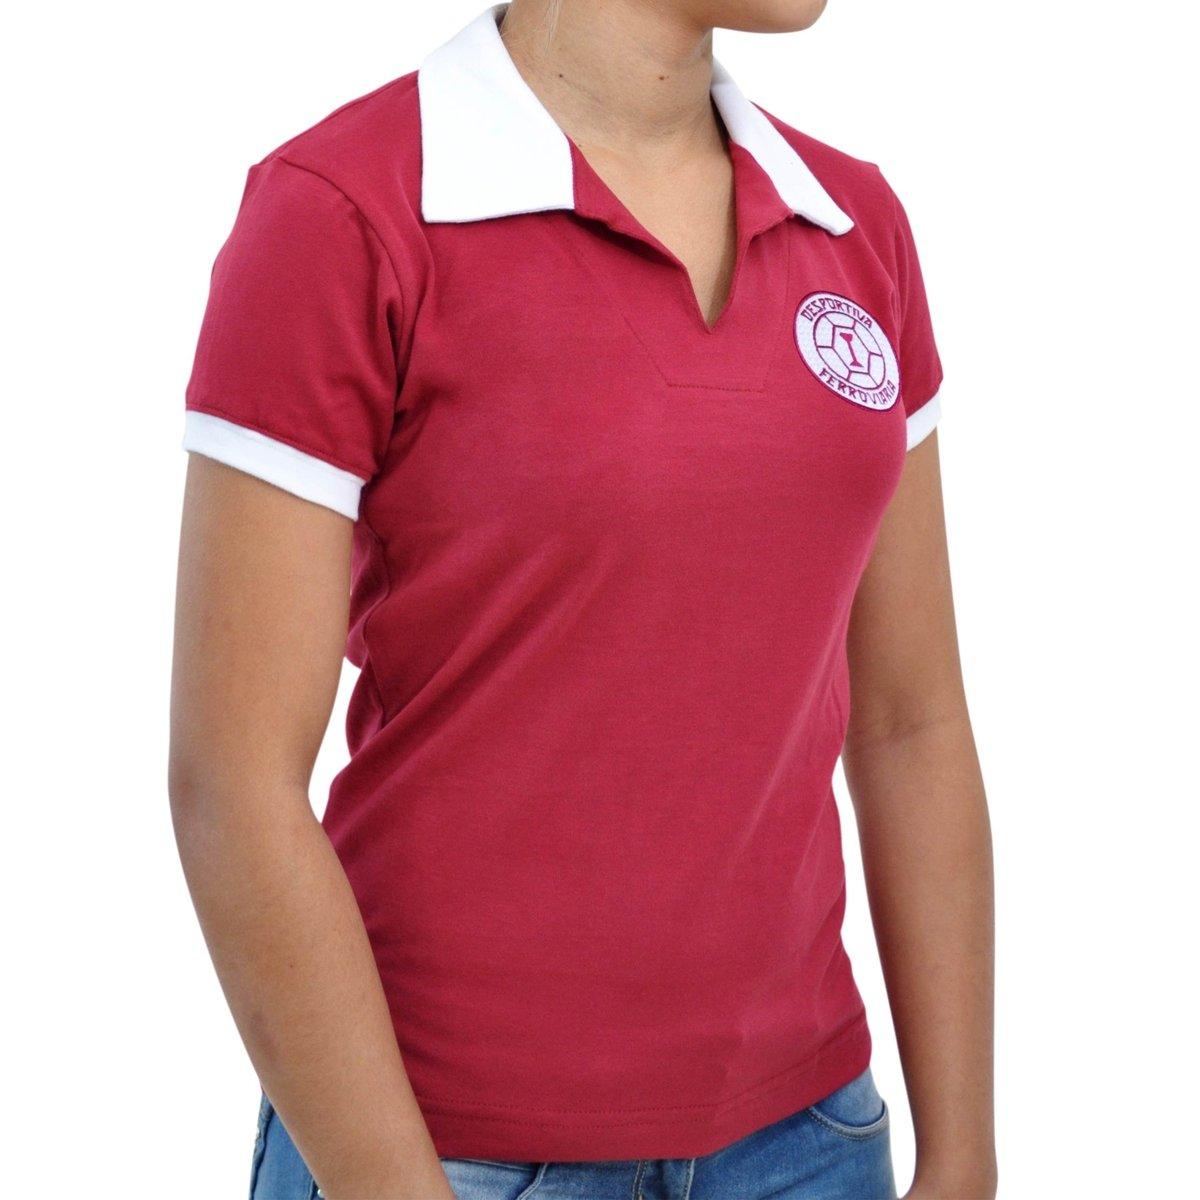 Camisa Camisa Desportiva Mania 1965 Feminina Ferroviária Retrô Retrô Vinho RR5r4wWqP